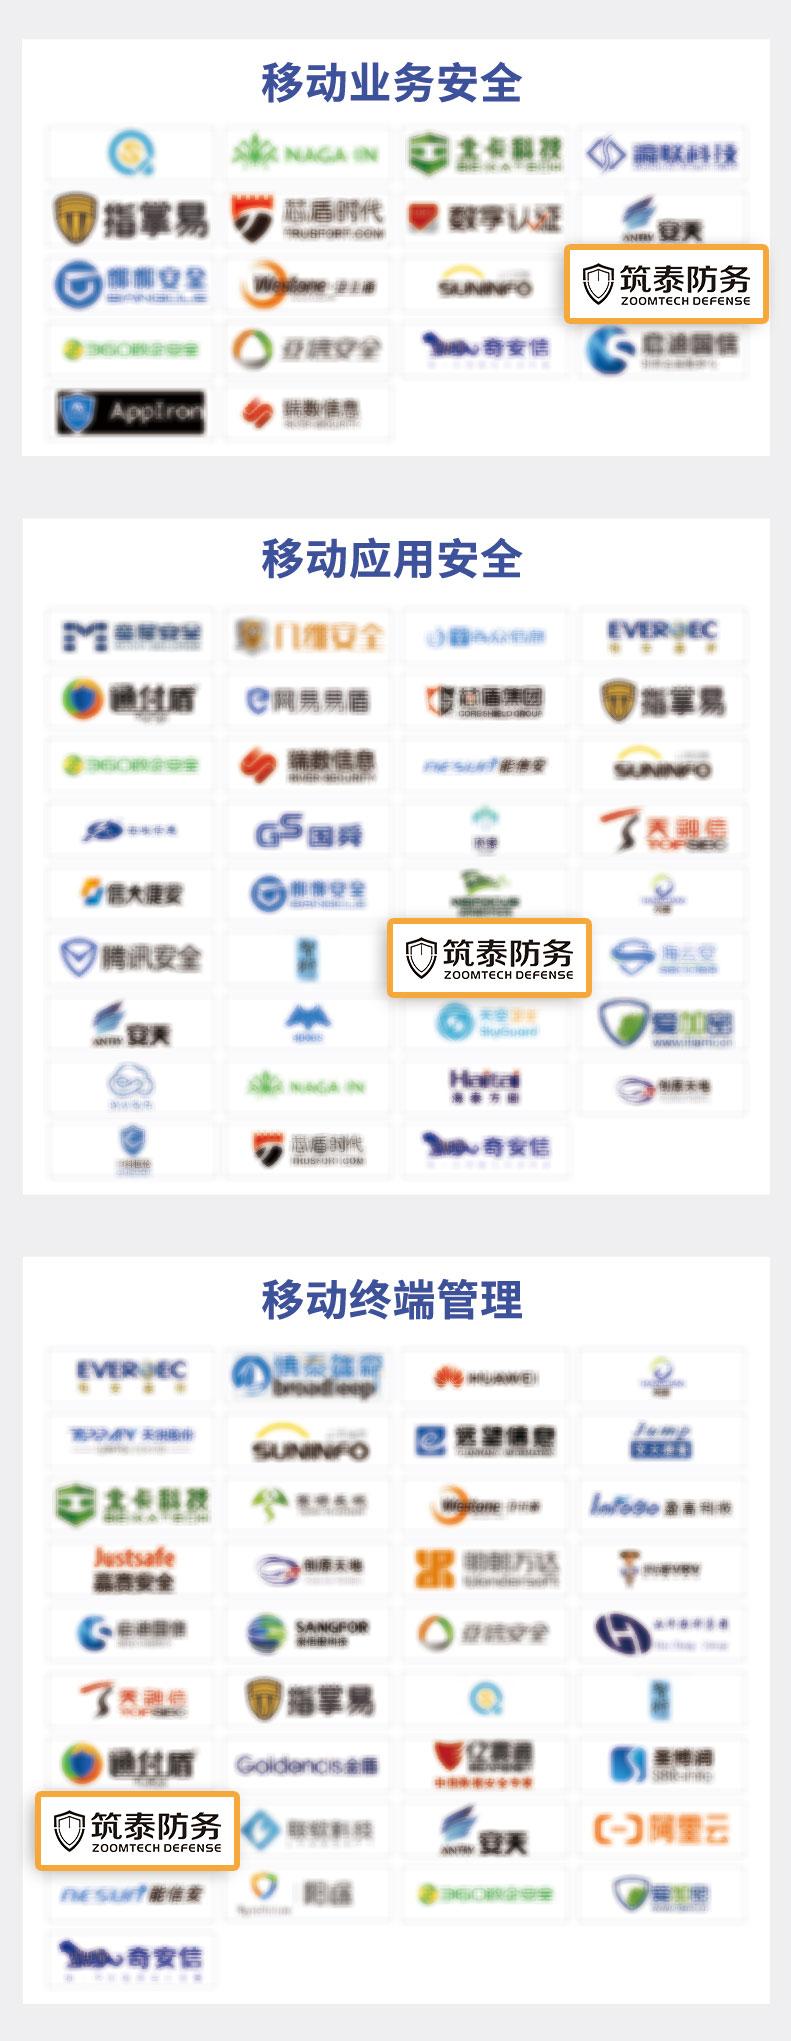 筑泰防务连续上榜FreeBuf《CCSIP 2021中国网络安全产业全景图》